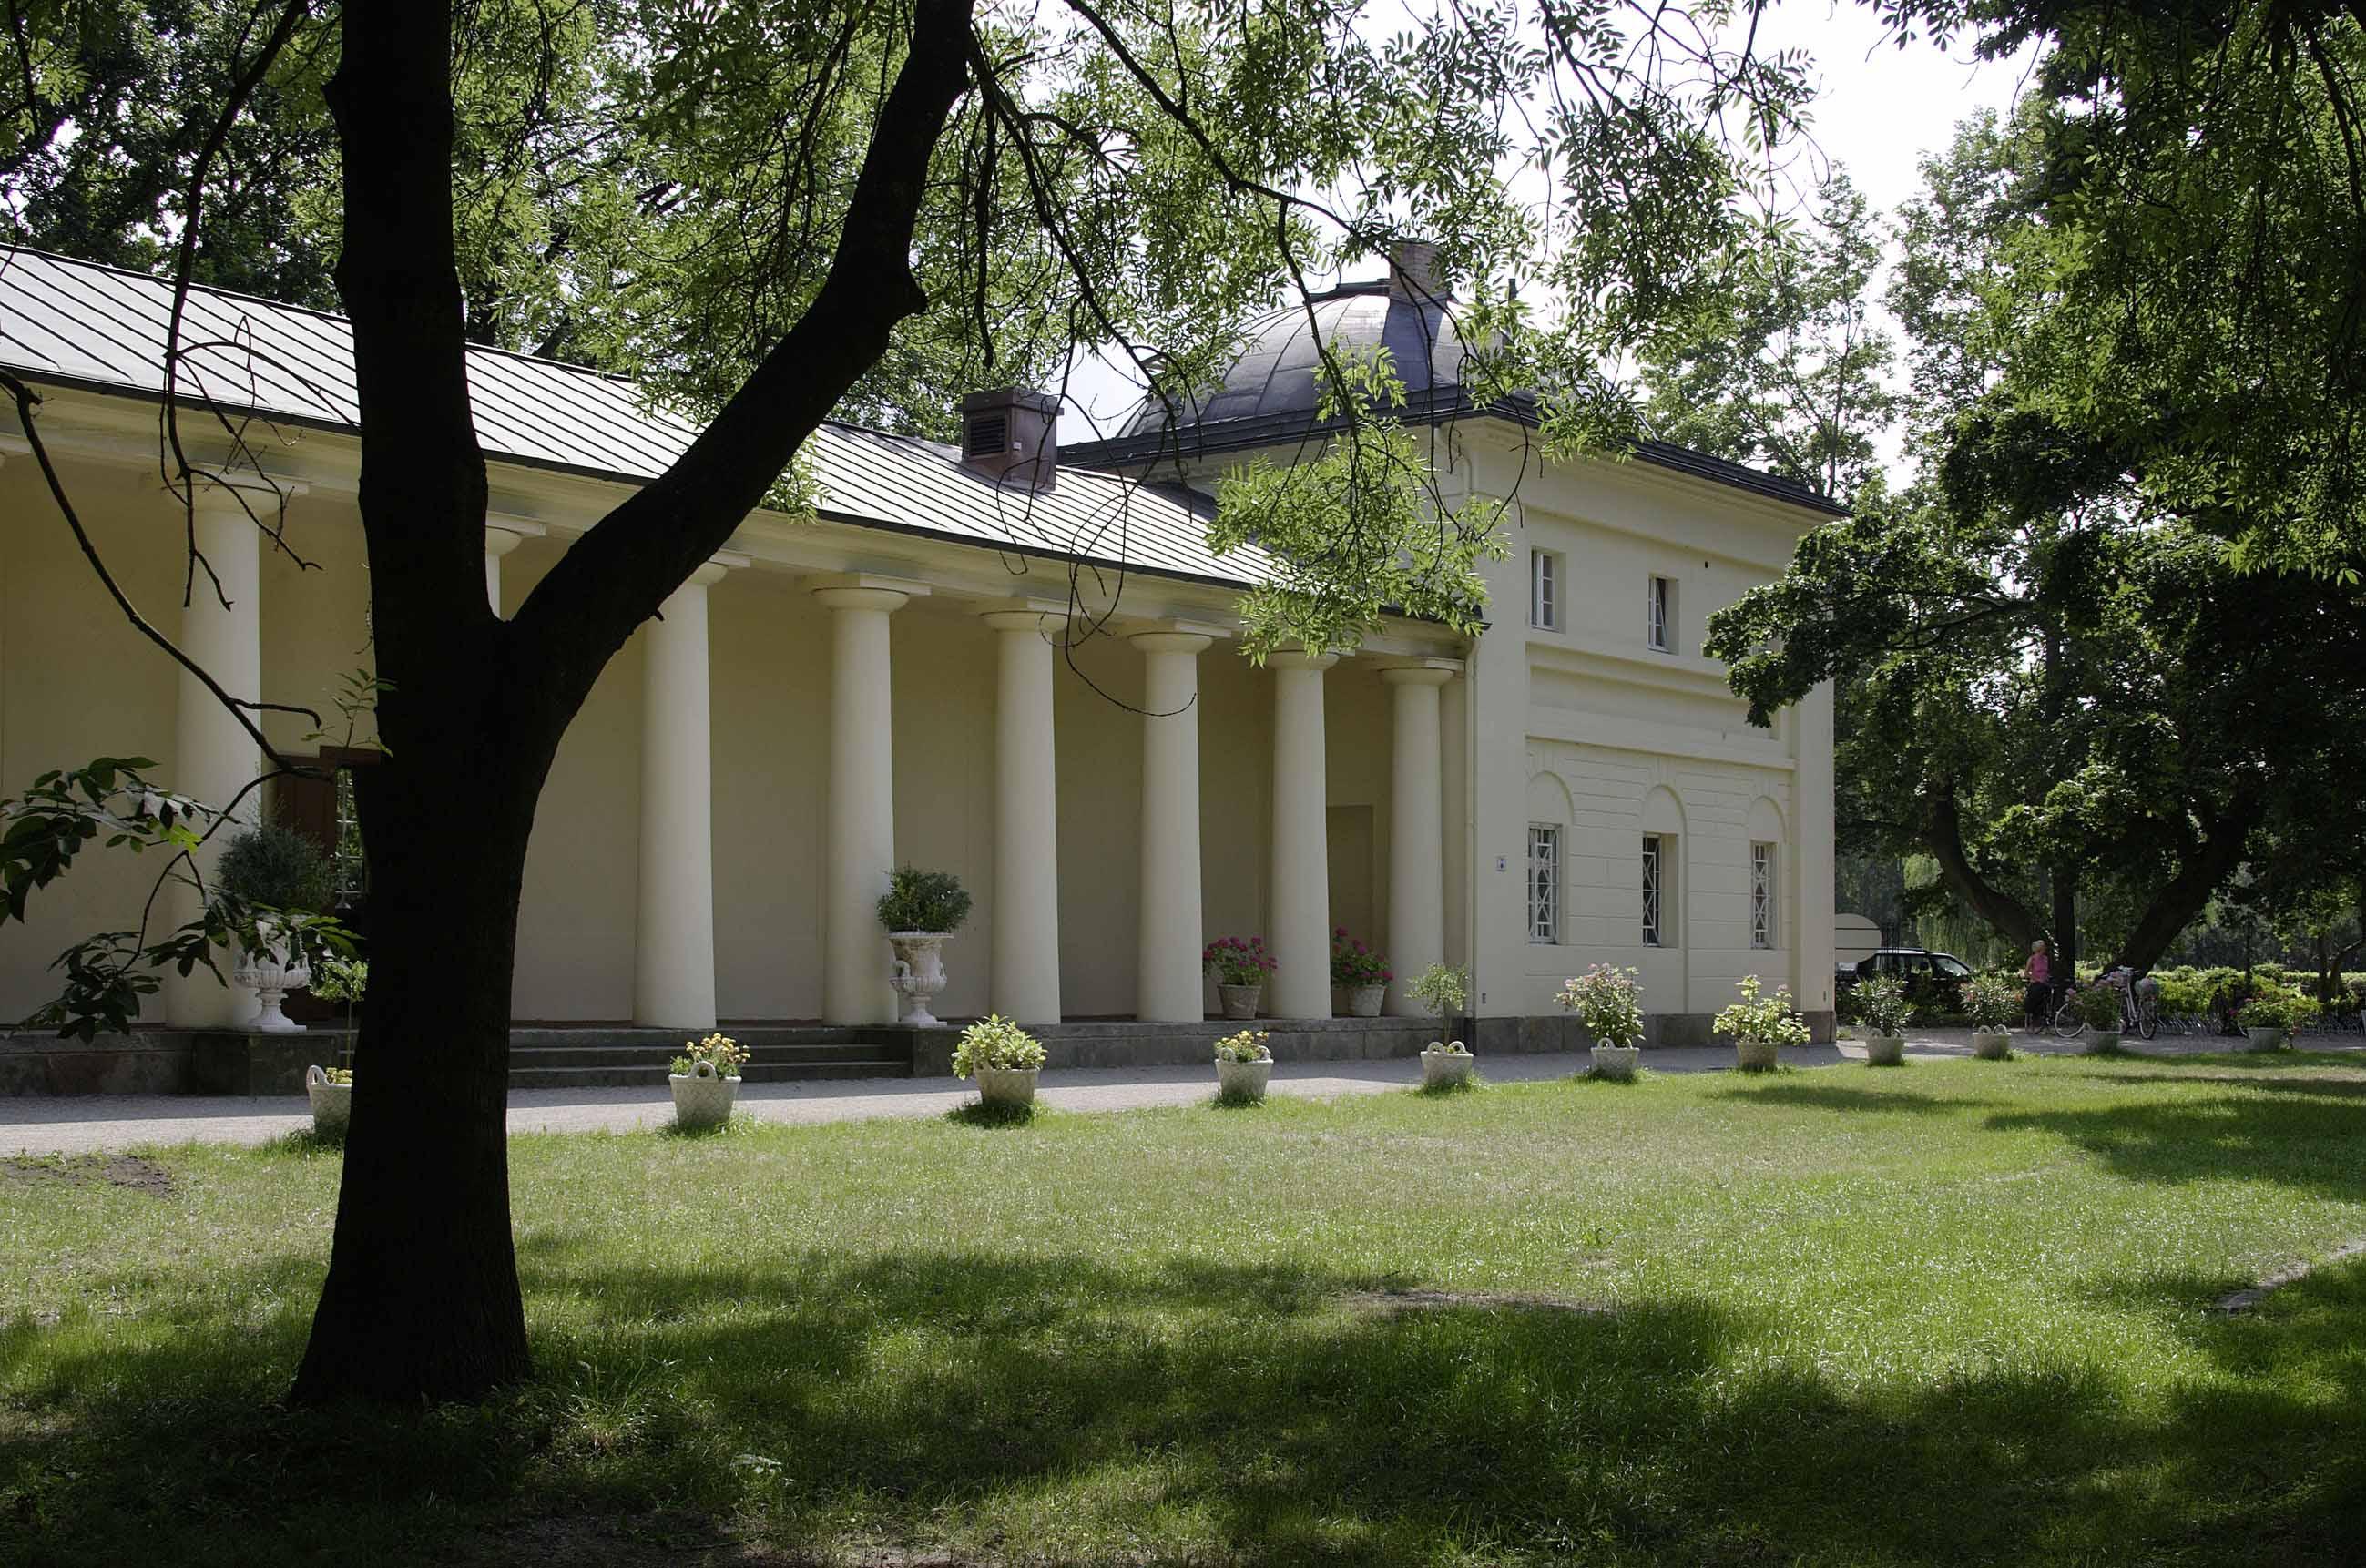 Spreewald erleben - Schloss-Hochzeit - Schlosshotel Brandenburg - Heiraten im Spreewald - Schloss Lübbenau im Spreewald